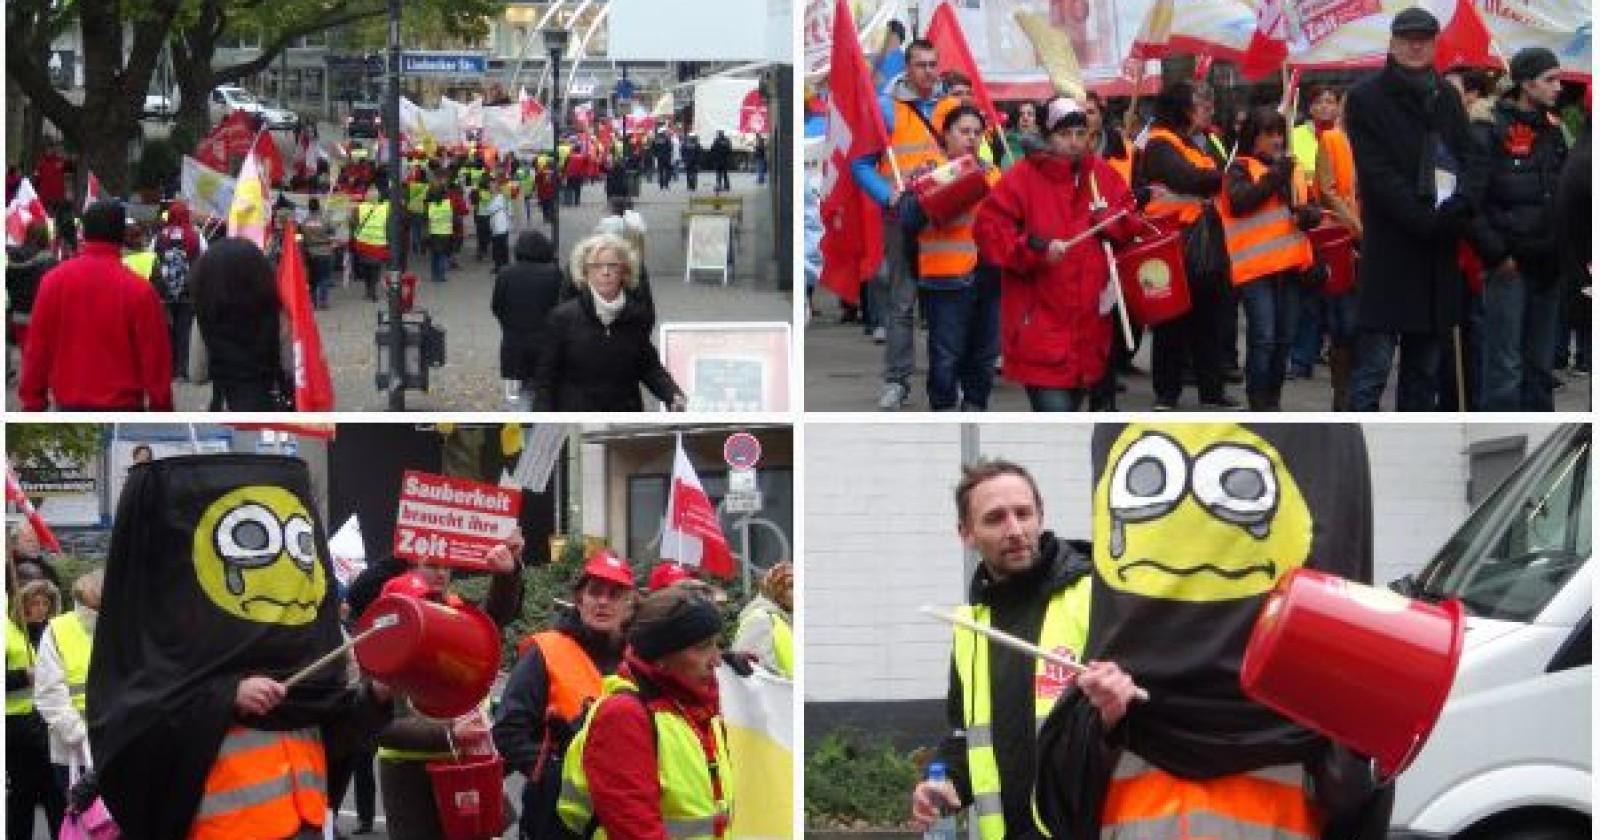 Bericht zur heutigen Tarifverhandlung und Demo in Essen